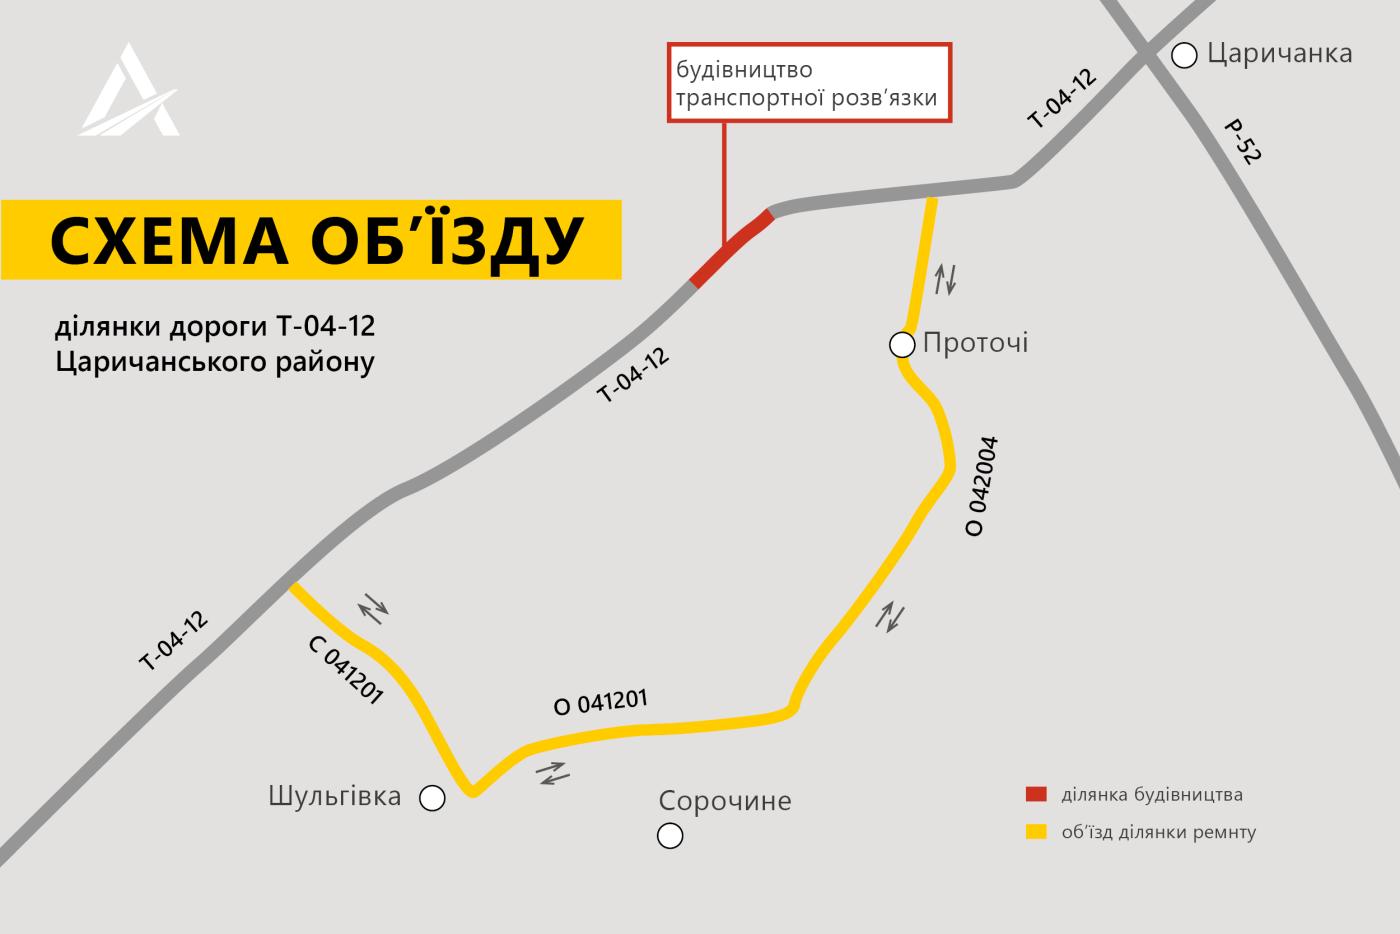 На автодороге Днепр-Решетиловка перекрыли участок из-за ремонта: схема объезда , фото-1